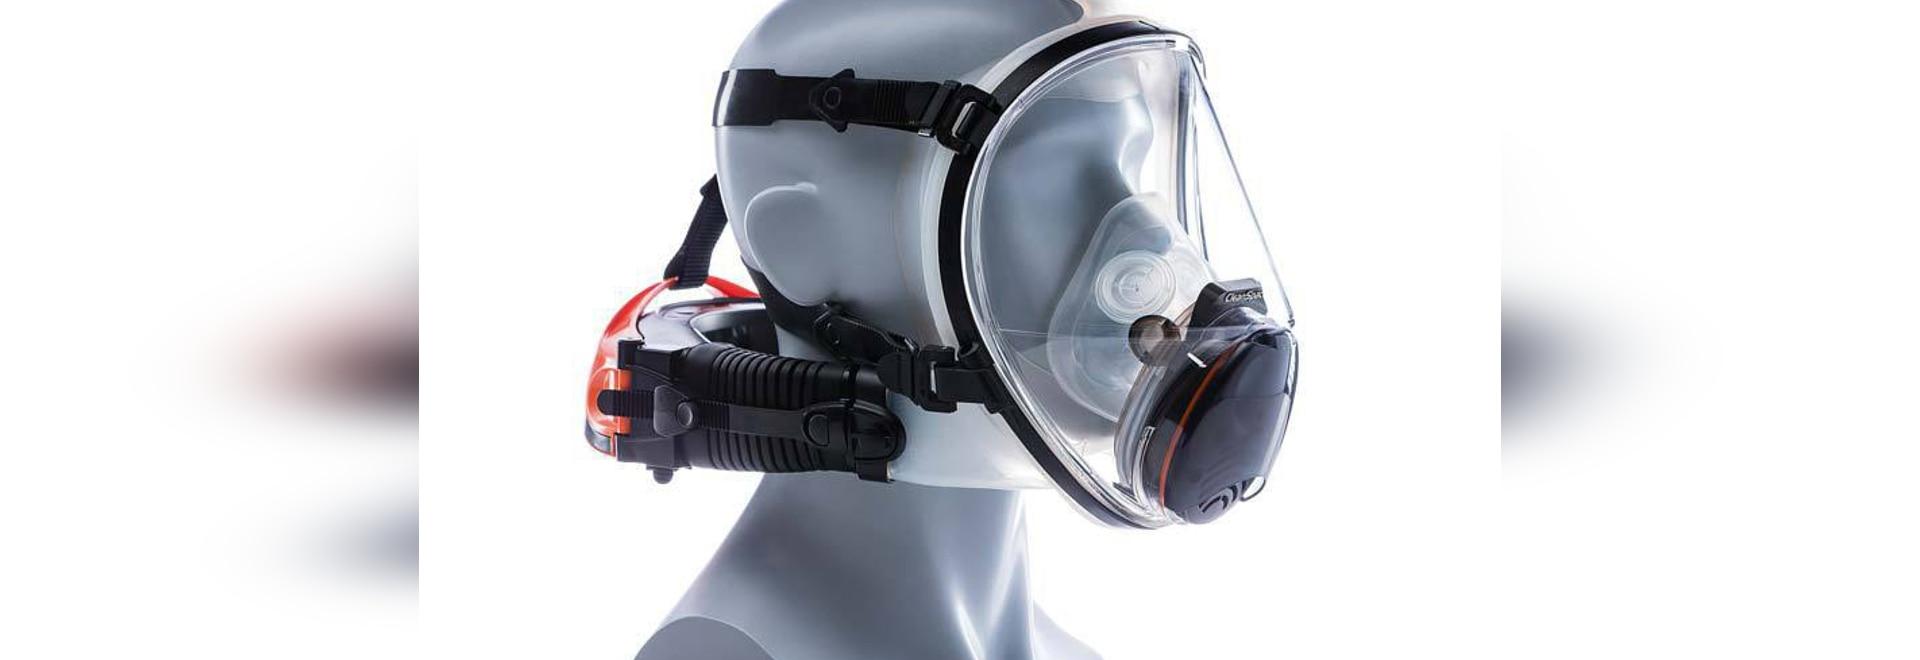 Respirator bietet volles Gesichts-Schutz